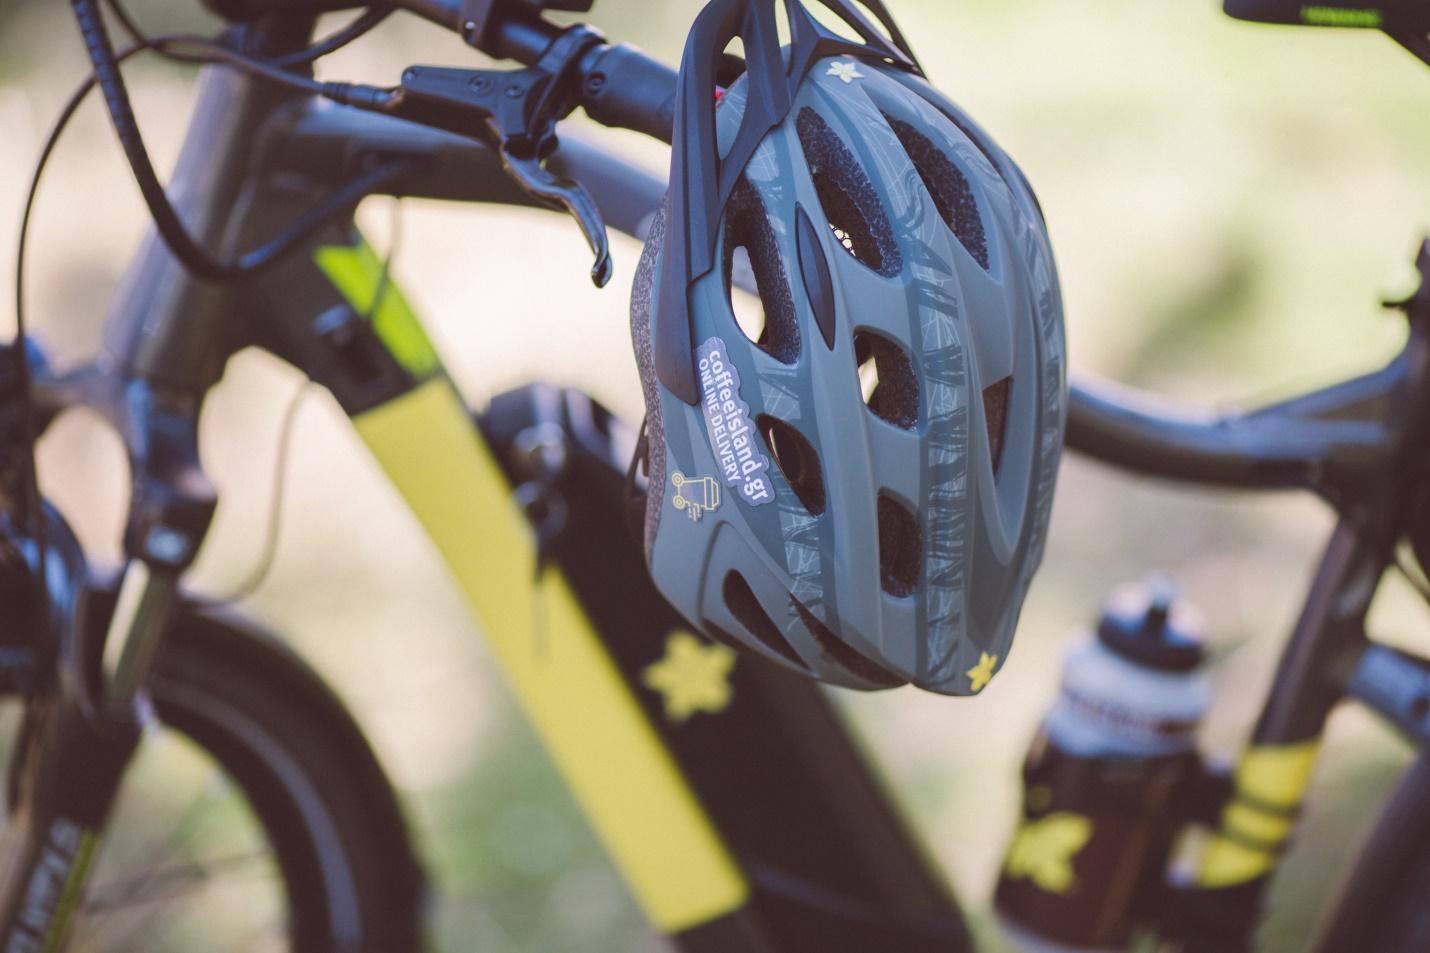 ποδήλατο μέσο μεταφοράς του καφέ